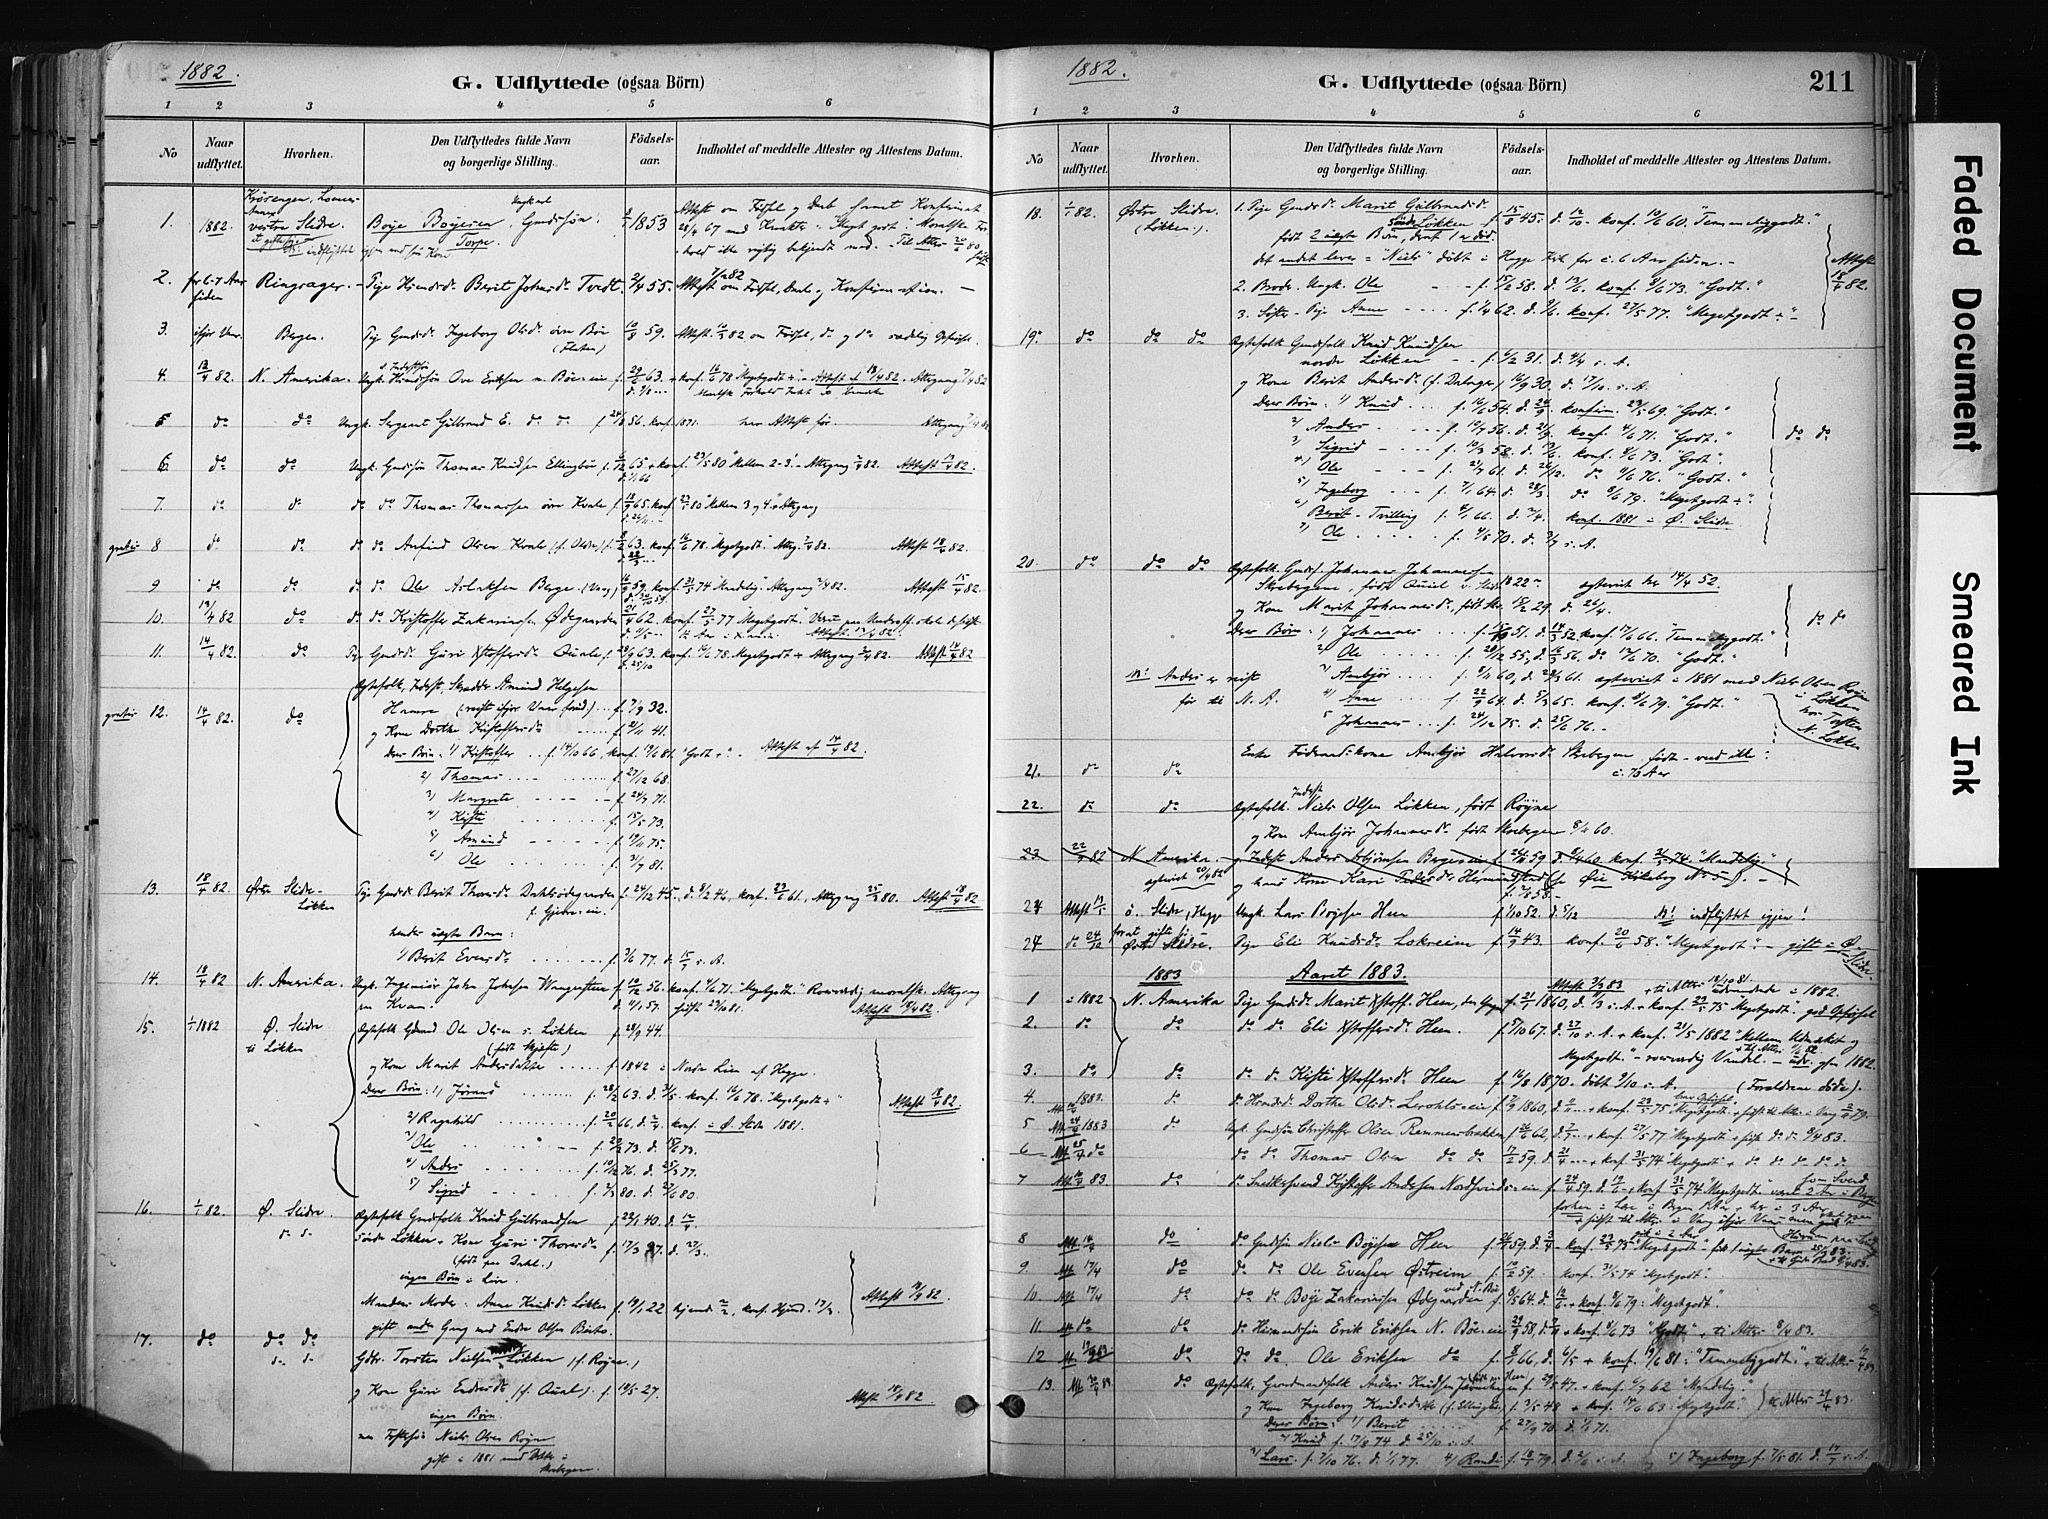 SAH, Vang prestekontor, Valdres, Ministerialbok nr. 8, 1882-1910, s. 211